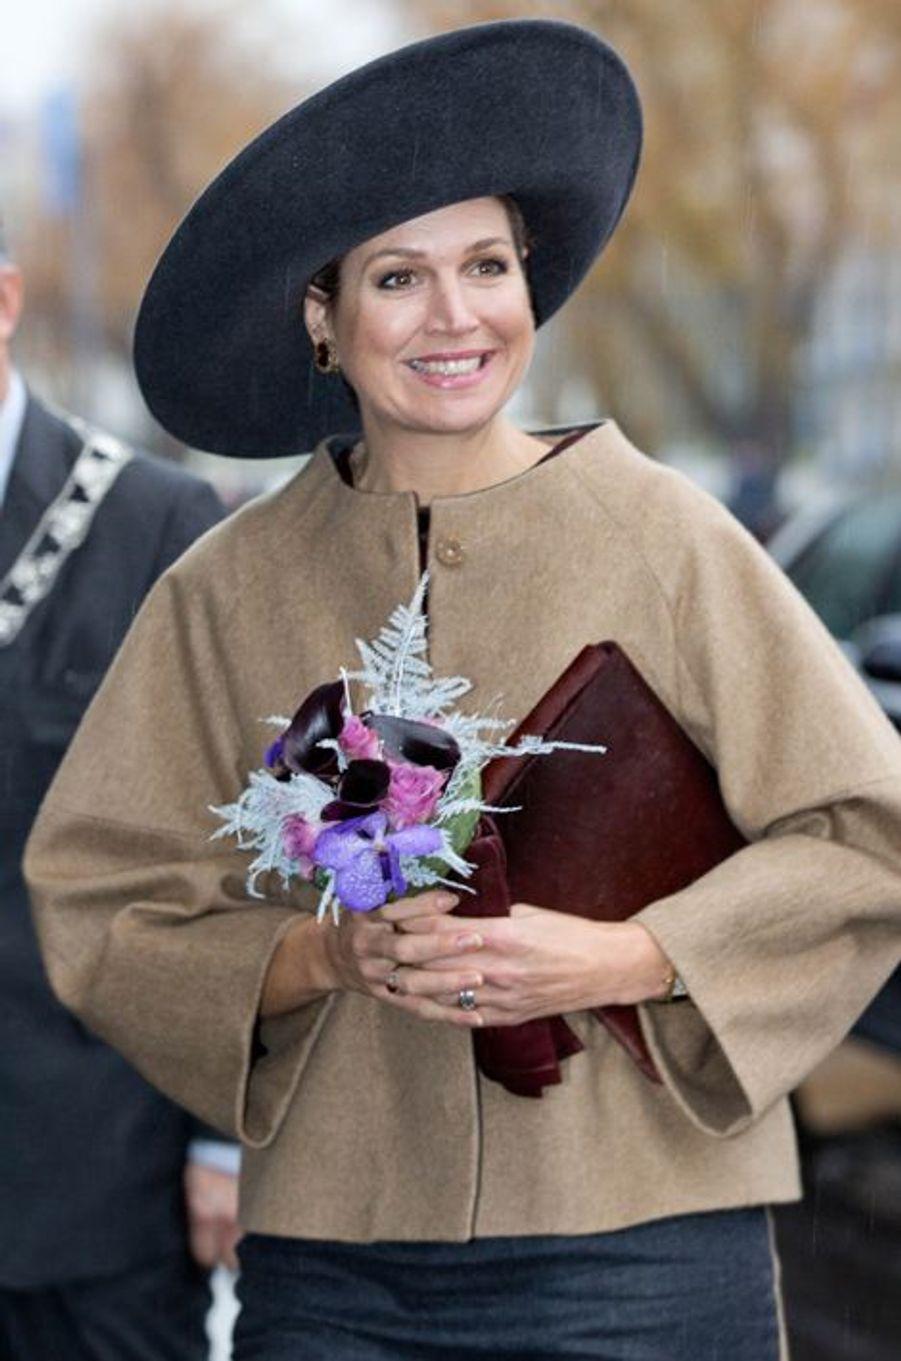 La reine Maxima des Pays-Bas à Rotterdam, le 8 décembre 2015